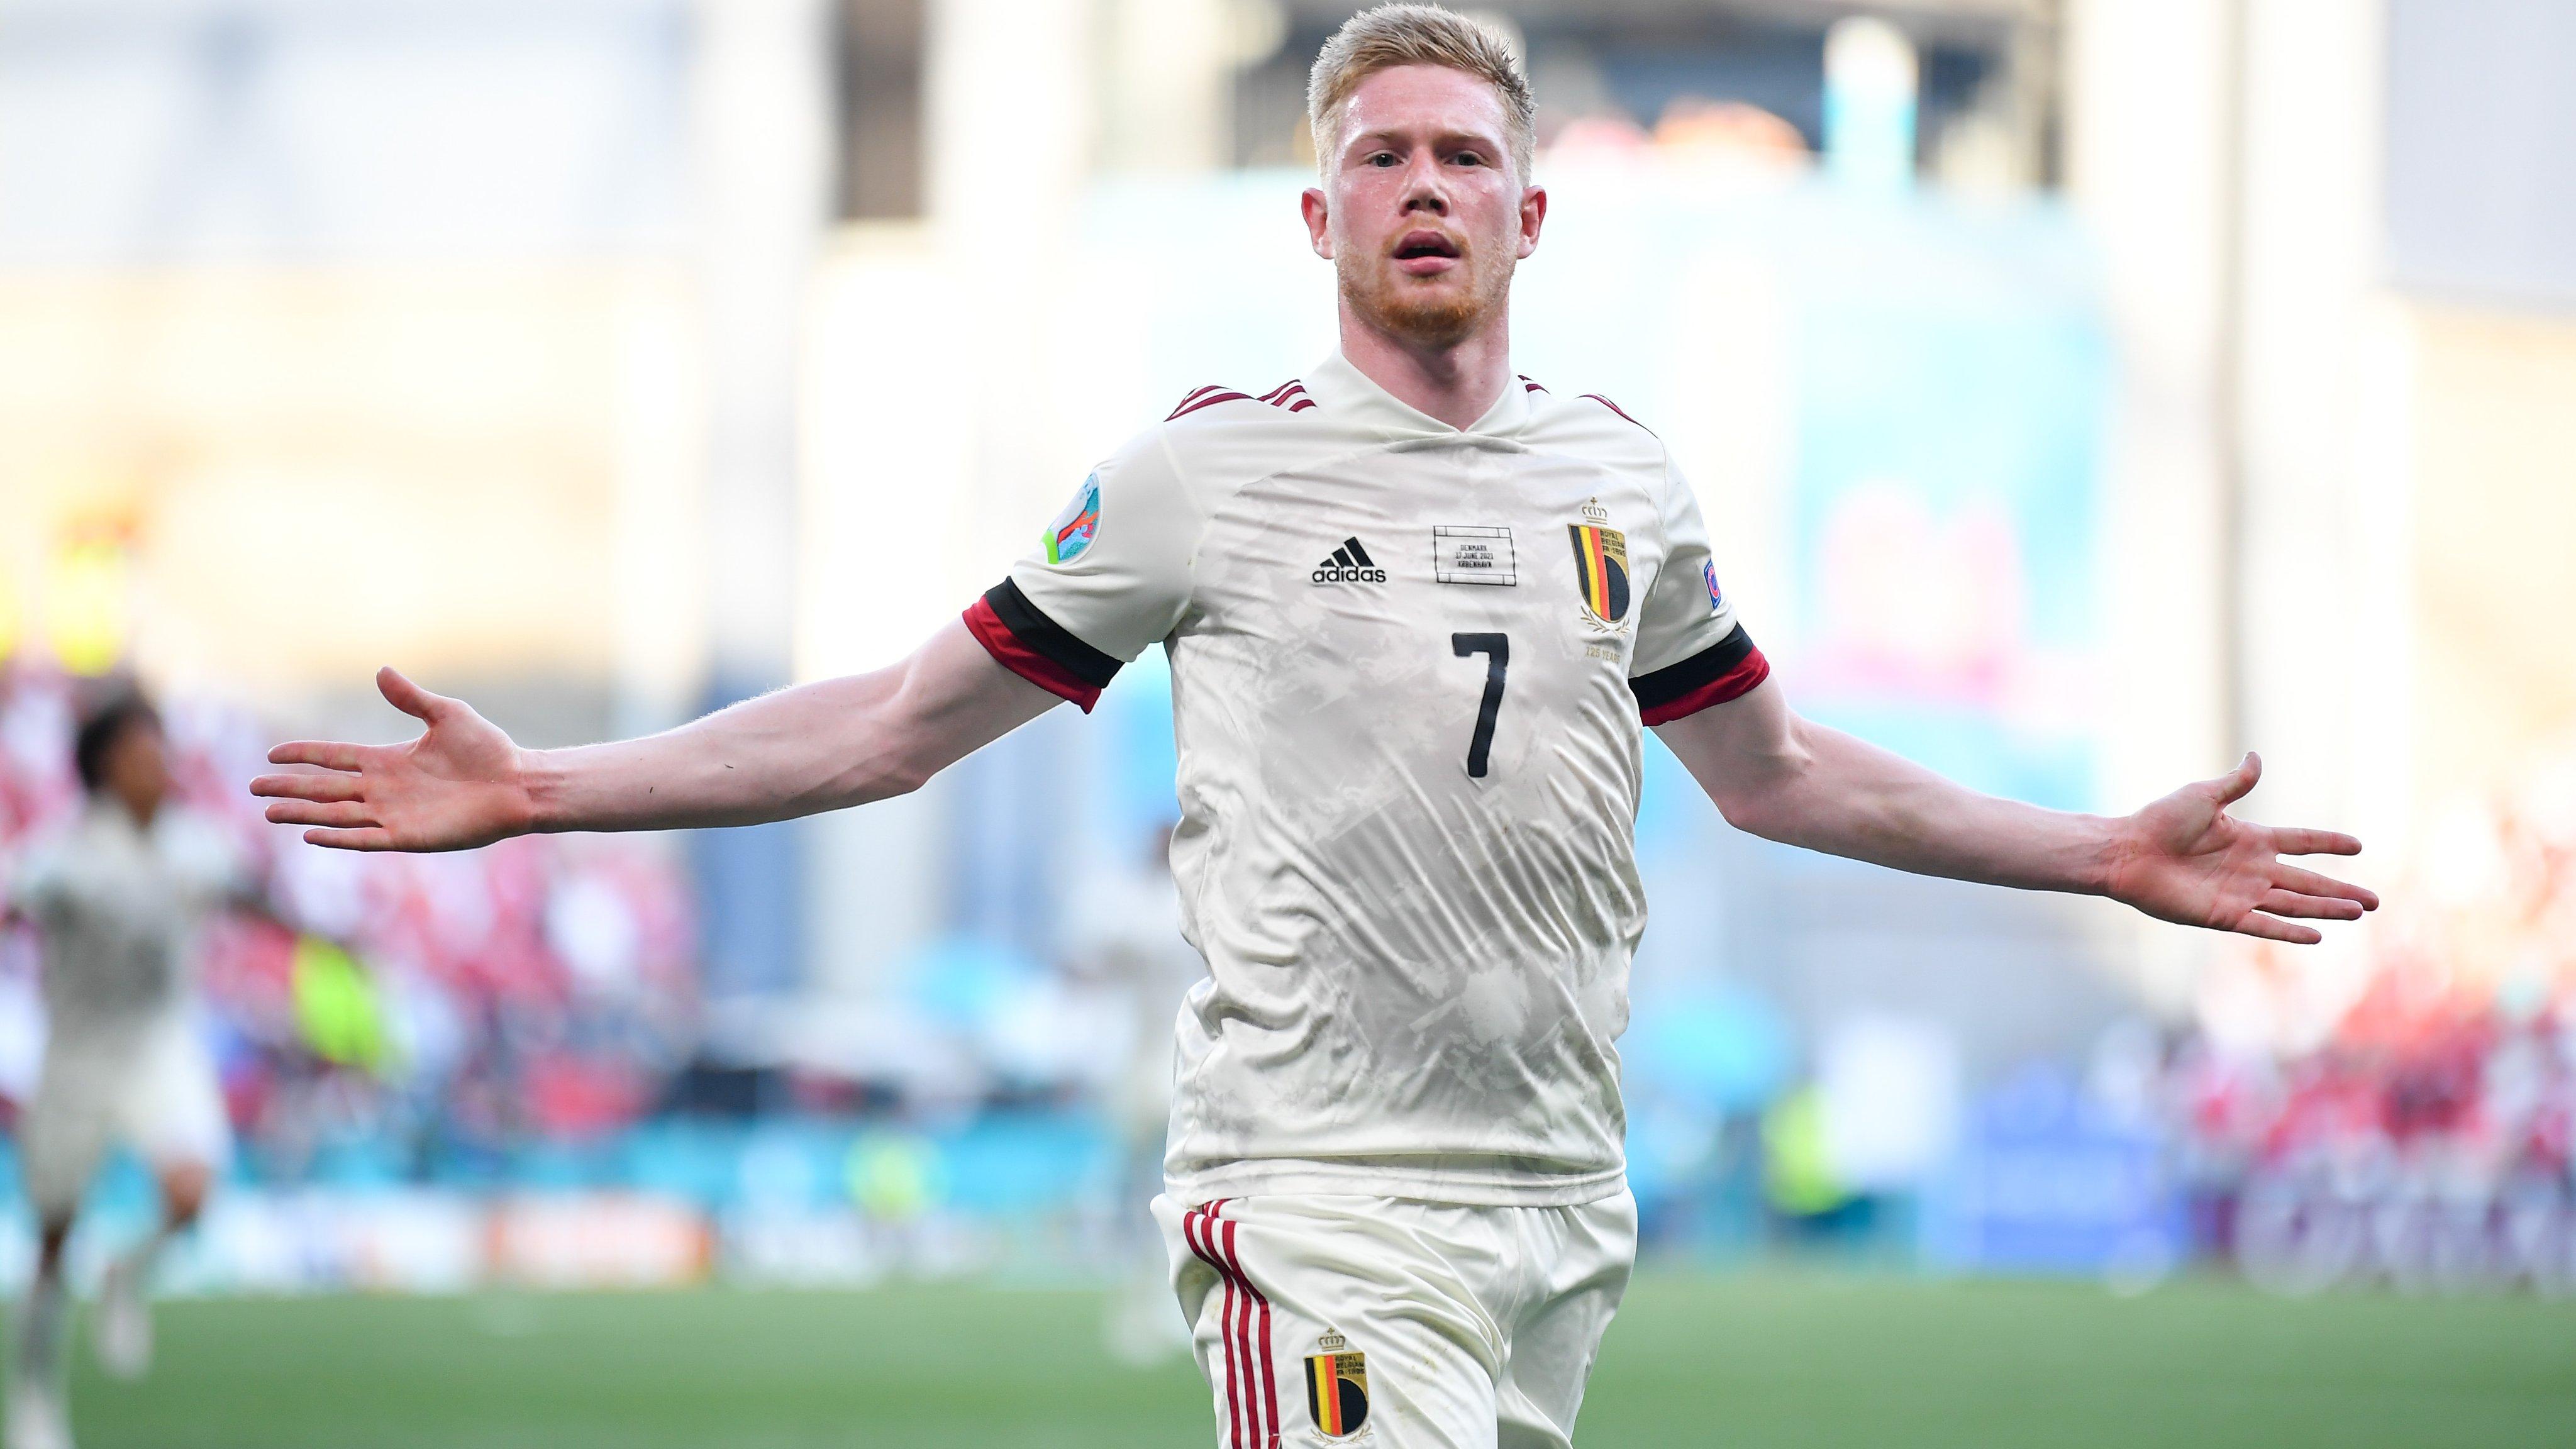 Kevin De Bruyne mencetak sebuah magis dalam usahanya mengembalikkan keadaan di pertandingan Piala Eropa 2020 antara Denmark vs Belgia. (foto: Twitter Euro 2020)